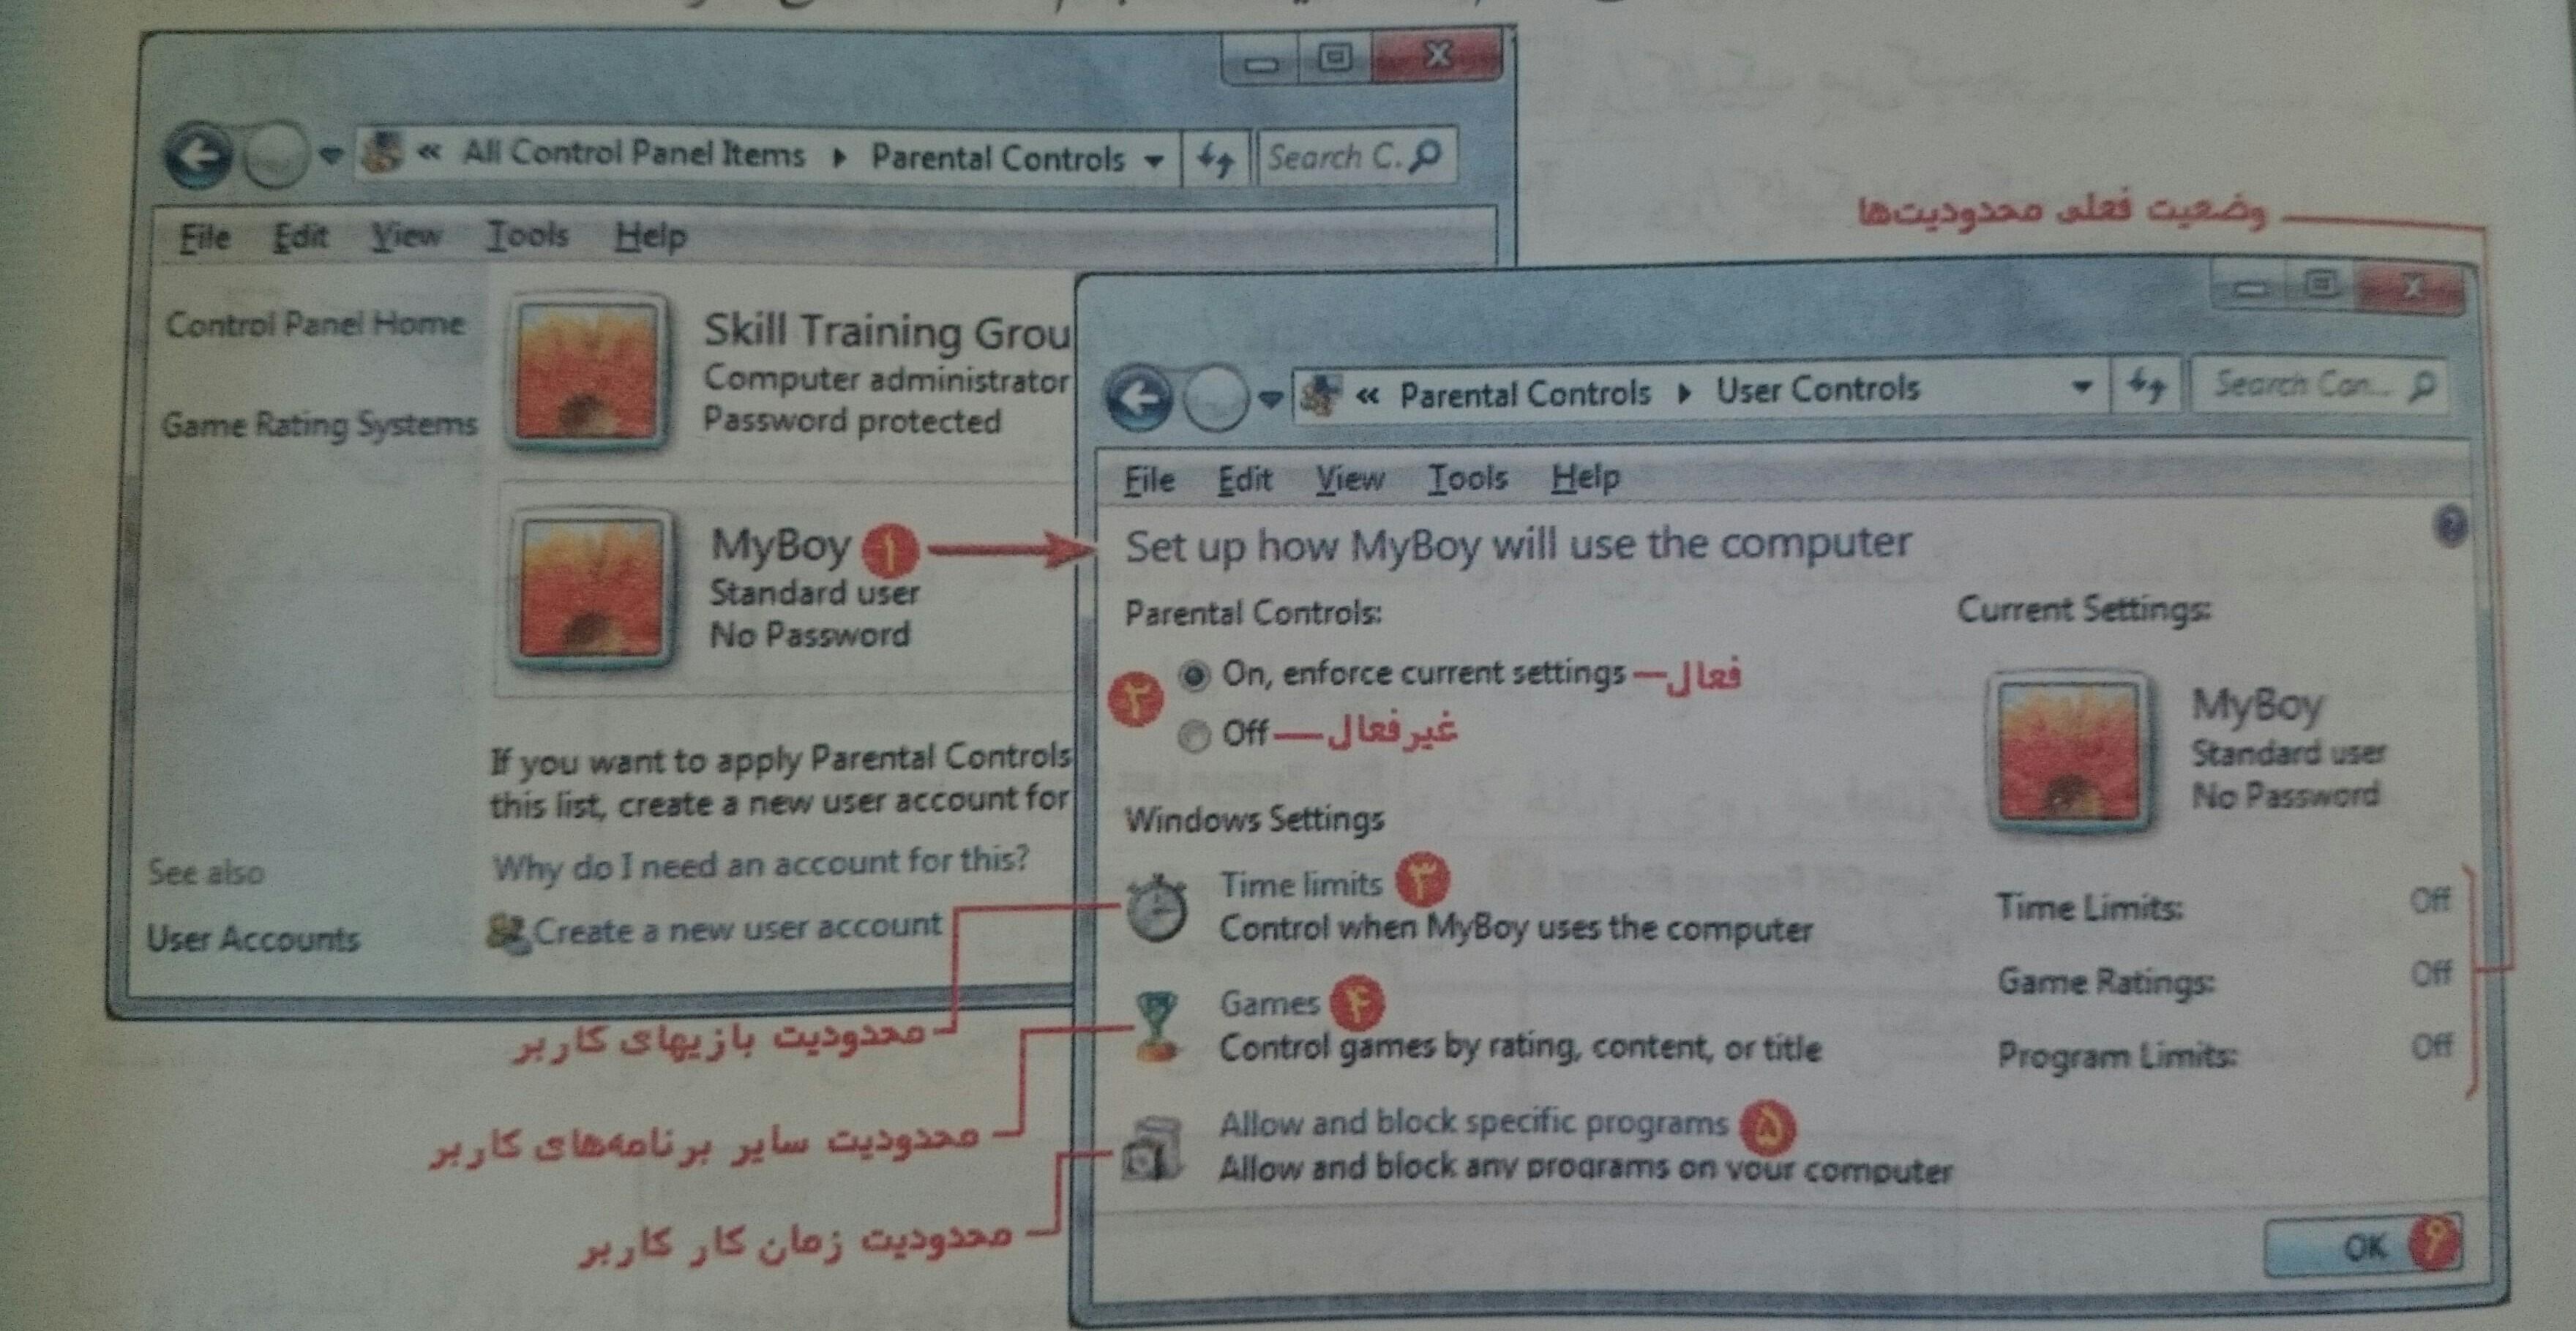 محدود کردن فعالیت های رایانه ای کودکان